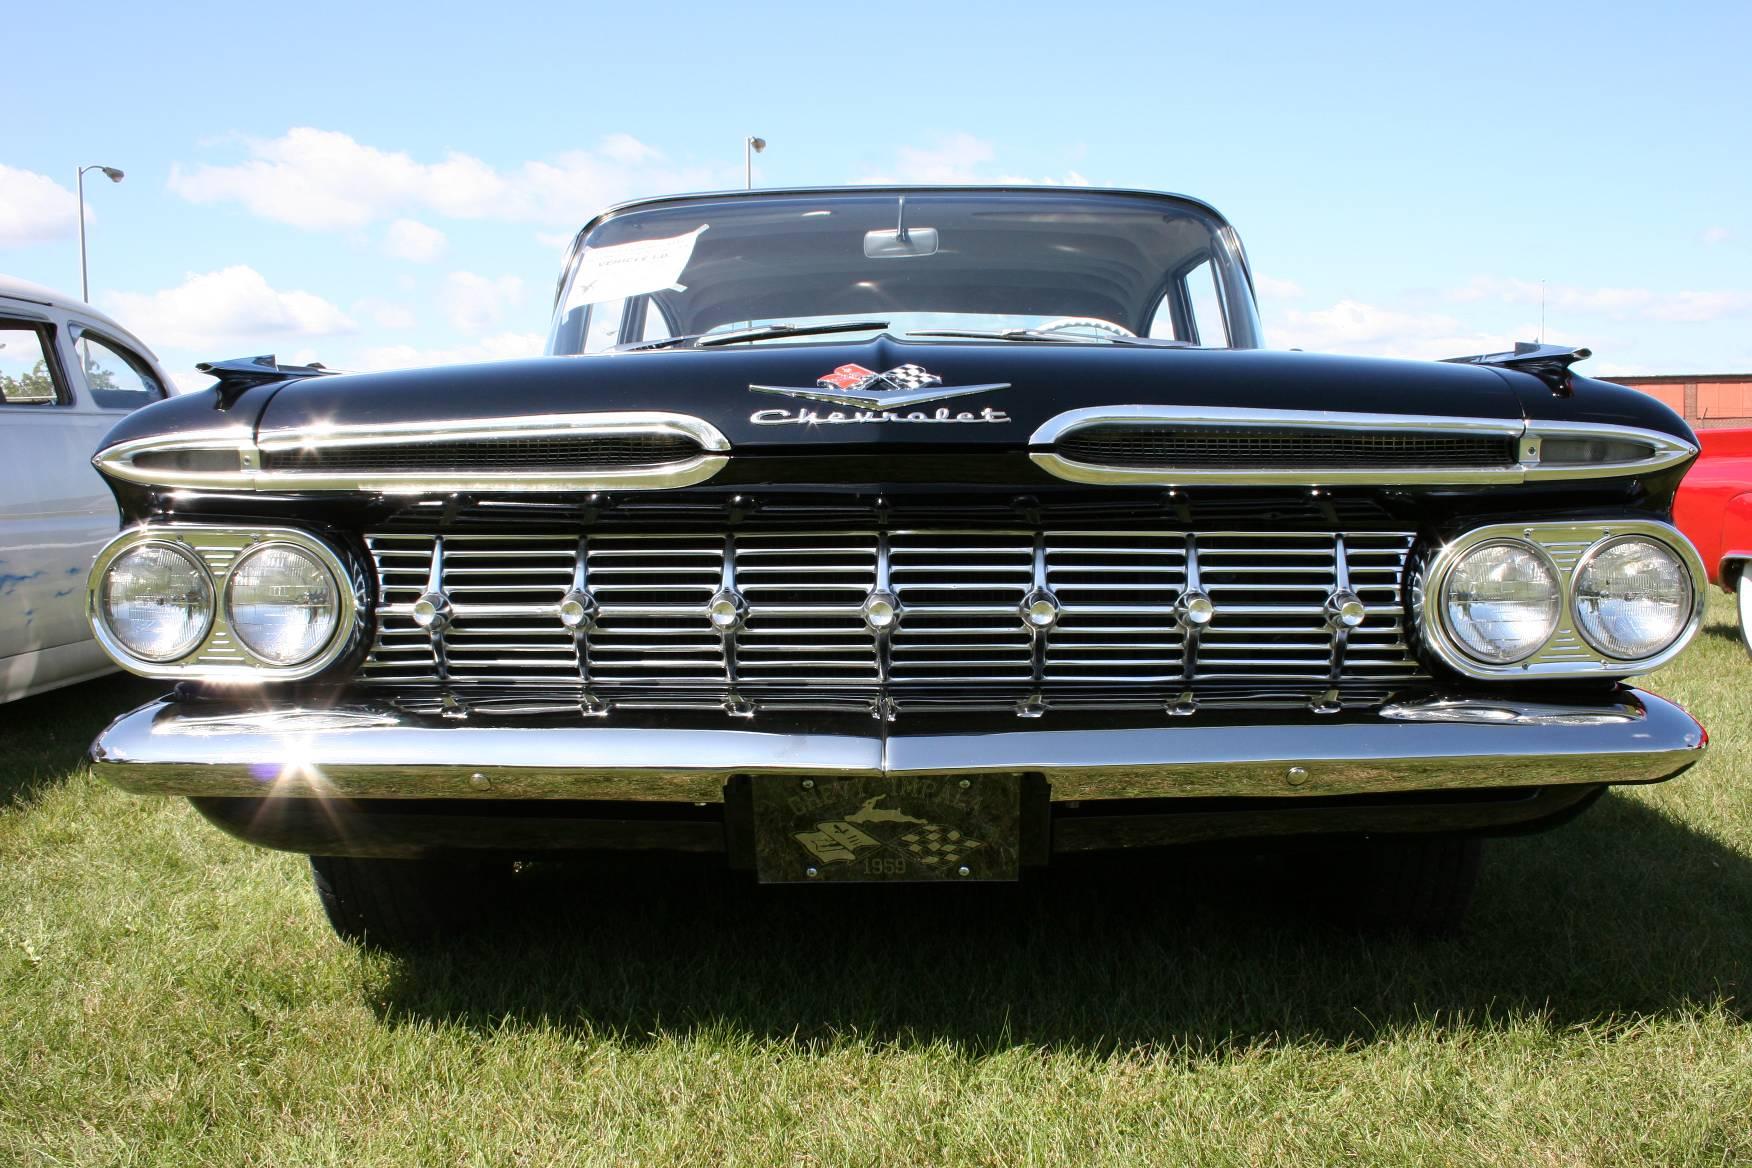 The 1959 Chevy Impala had a